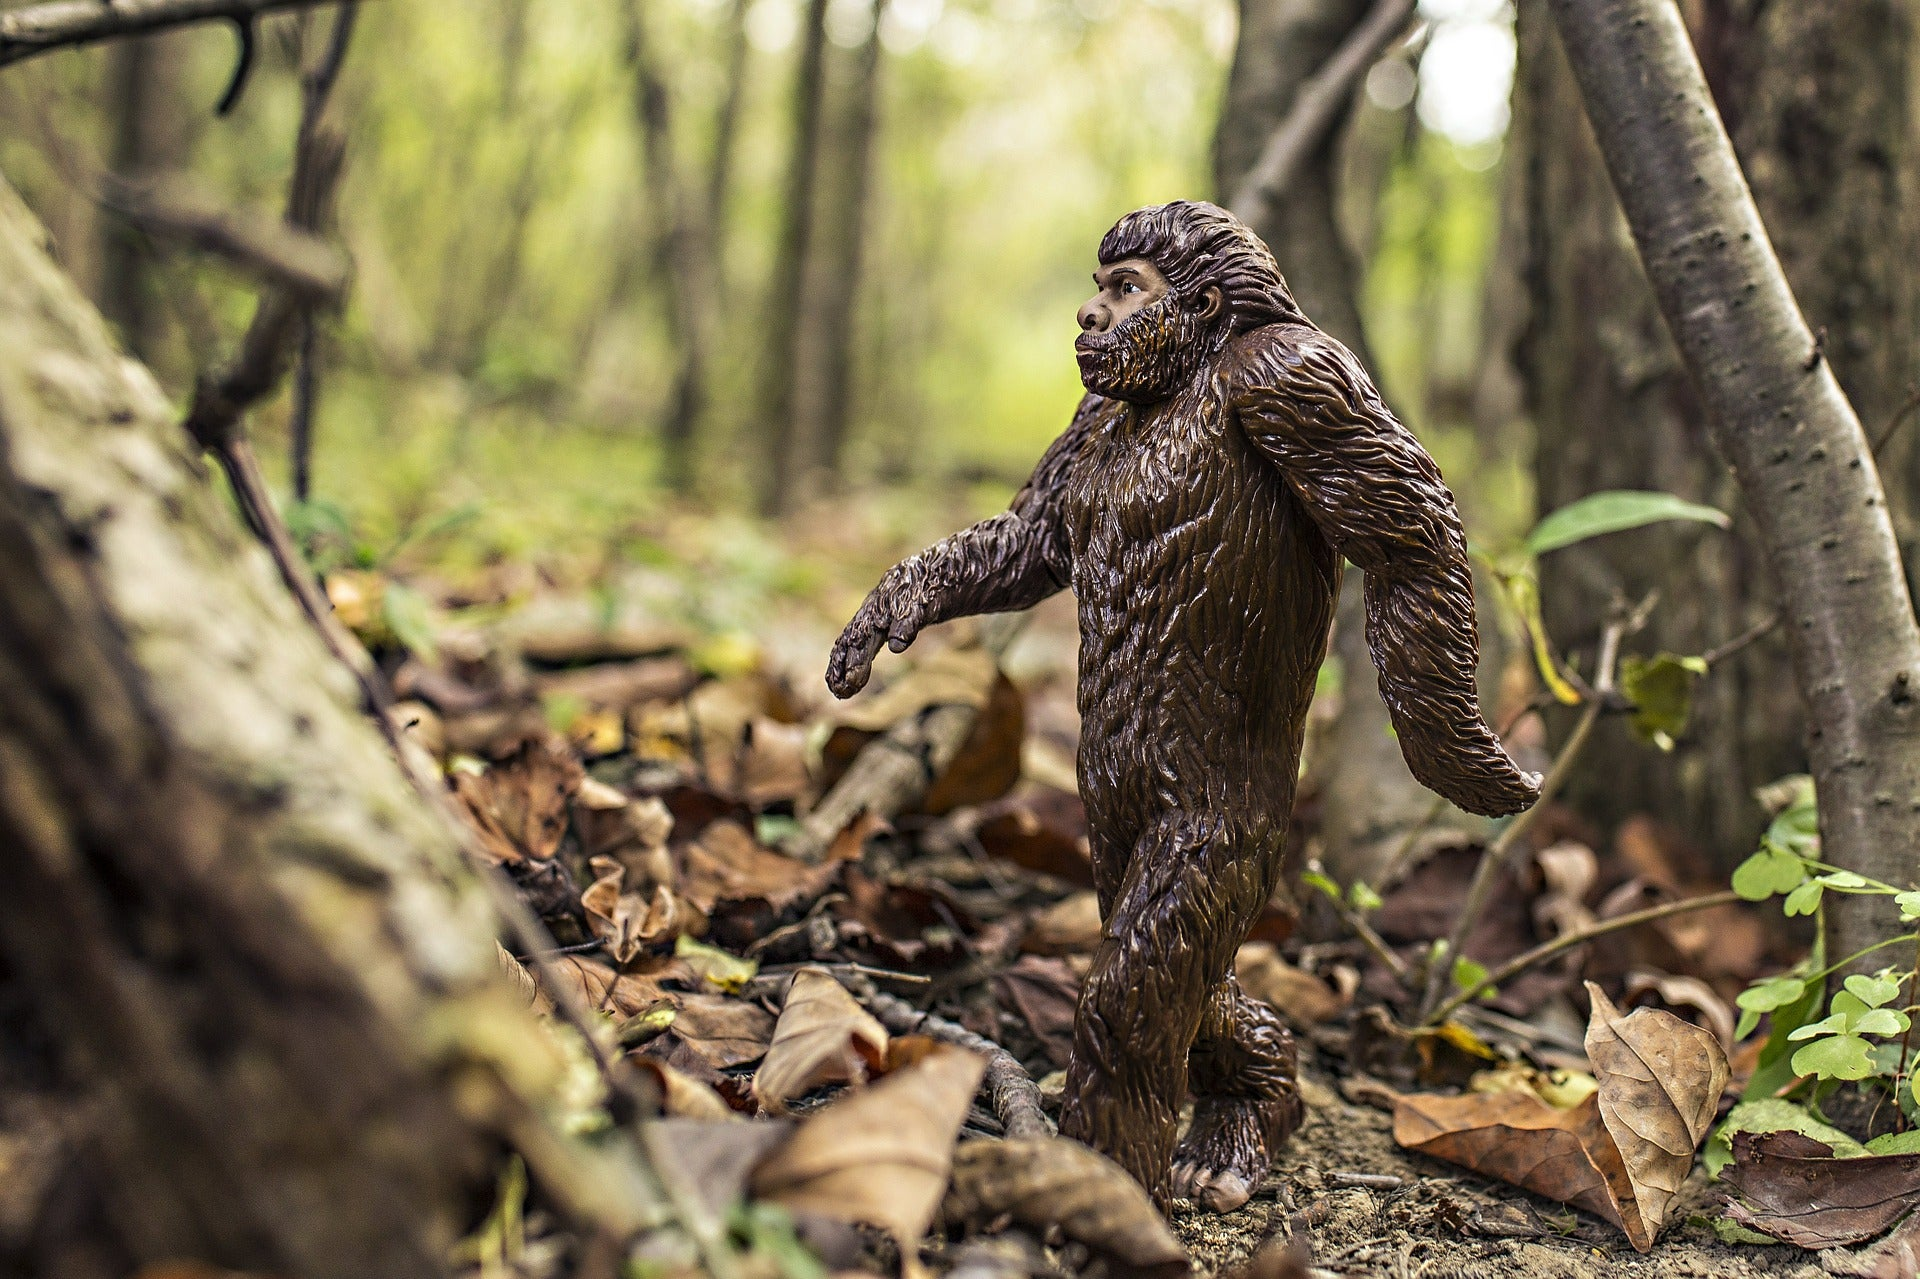 Bigfoot figure walking in the woods.